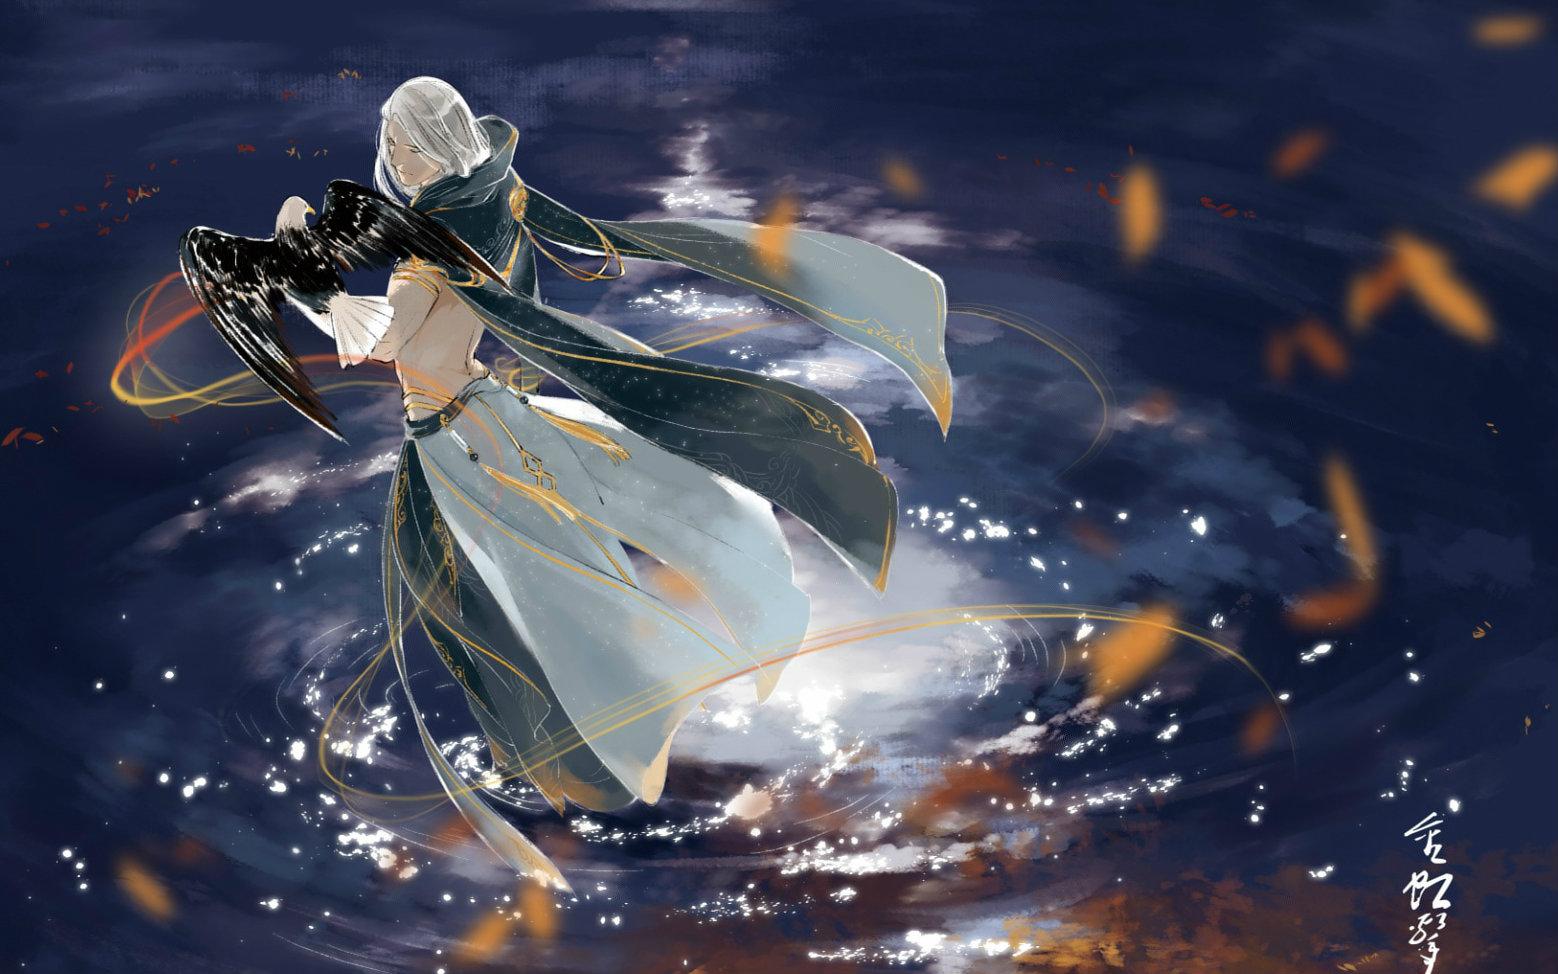 【剑网三】(暂别,感谢)明秀22jjc苍云专题语音解说图片